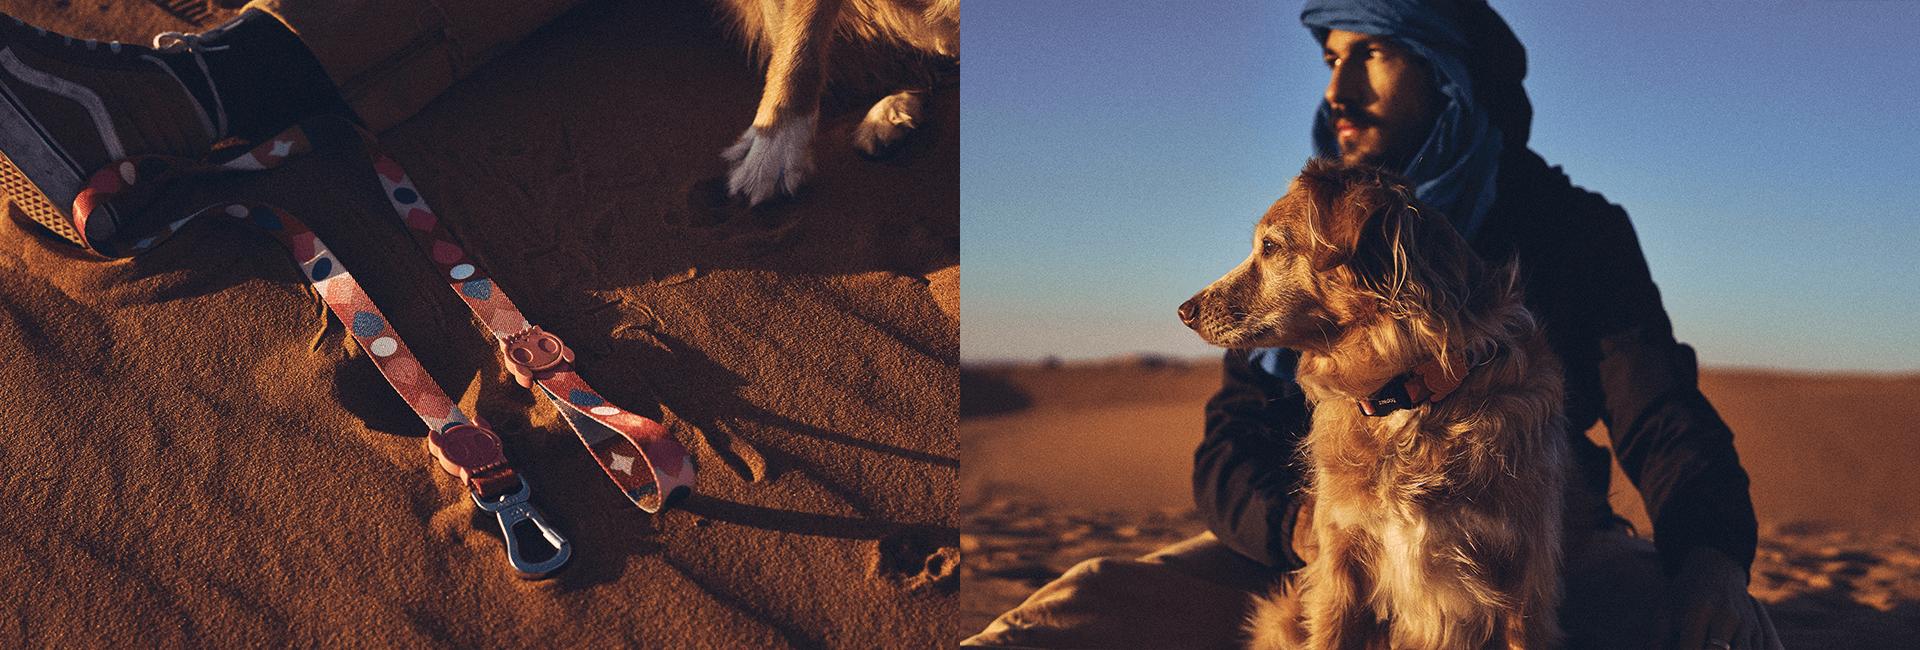 marrakesh-same-zeedog-leash-cachorro-pet-dk-carrossel-2 (1) (1)